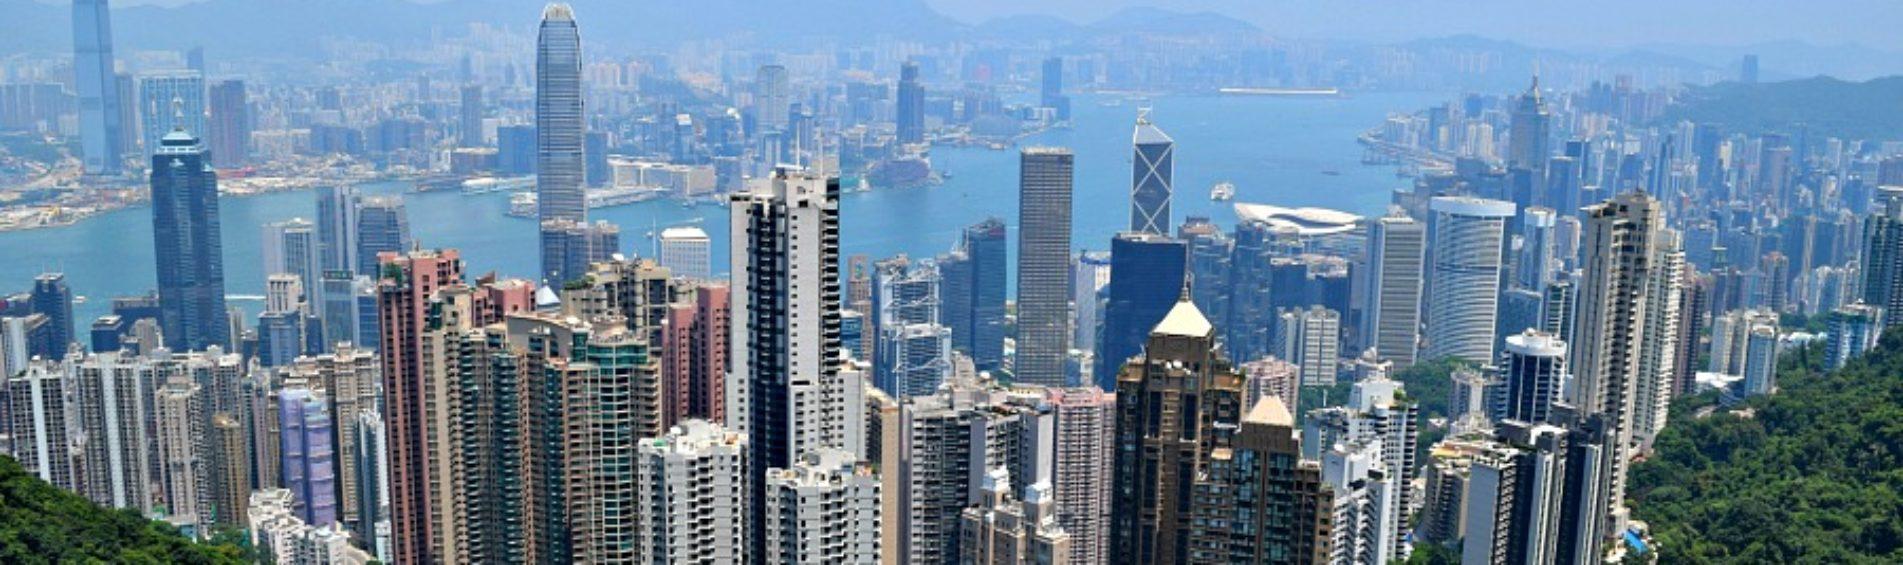 Nieuwe reisplannen: Hong Kong!